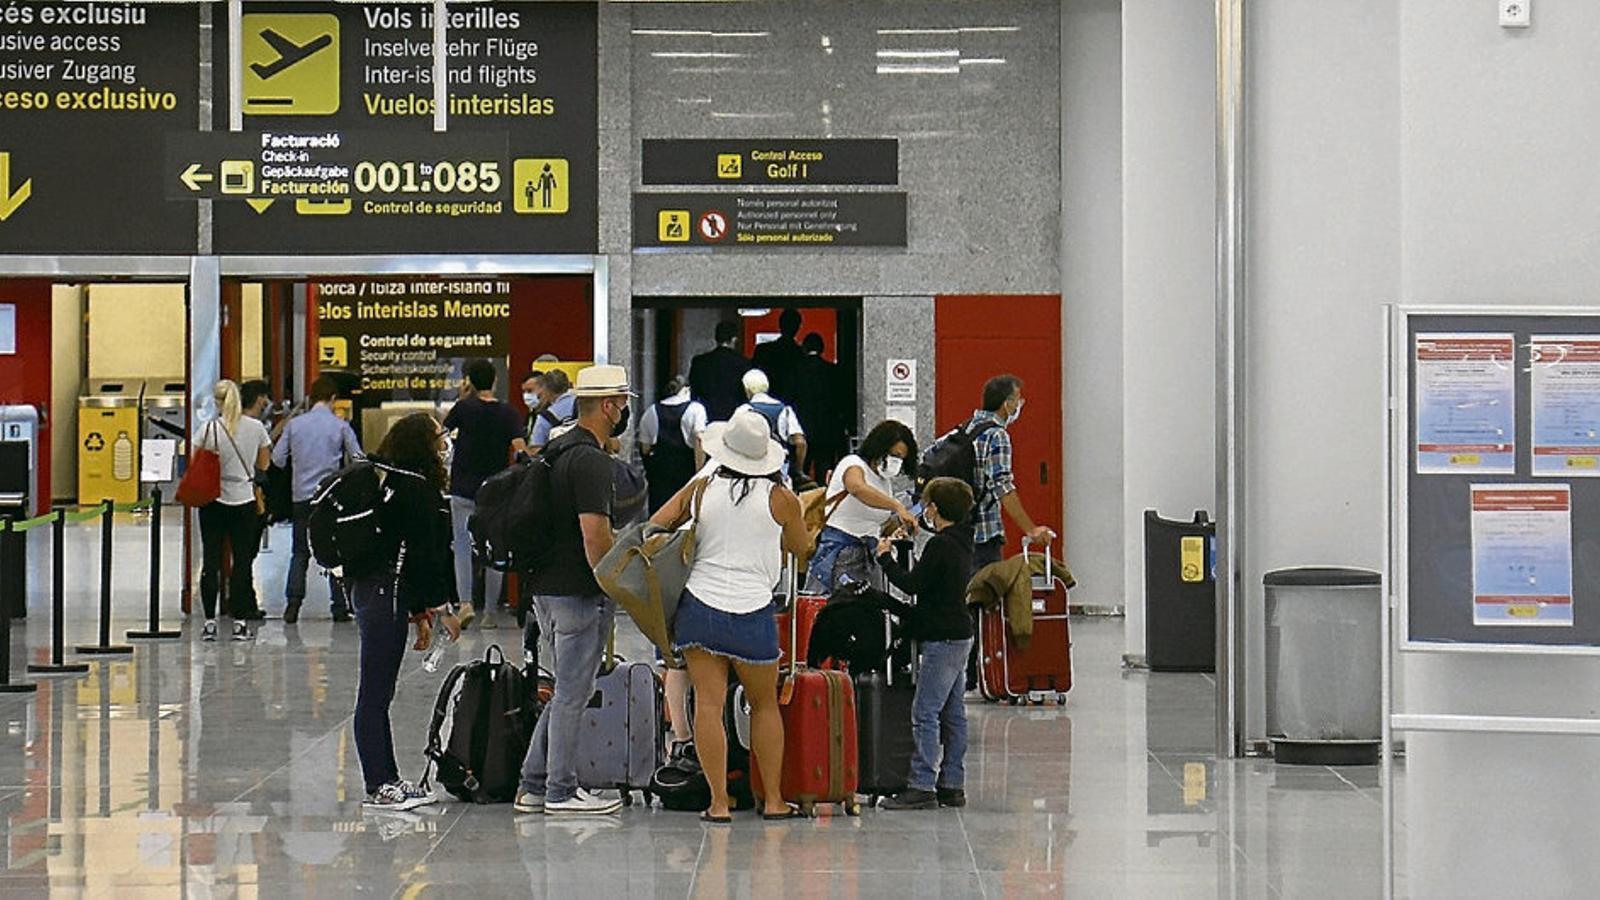 Les Illes Balears començaran a rebre els primers turistes a partir del 15 de juny